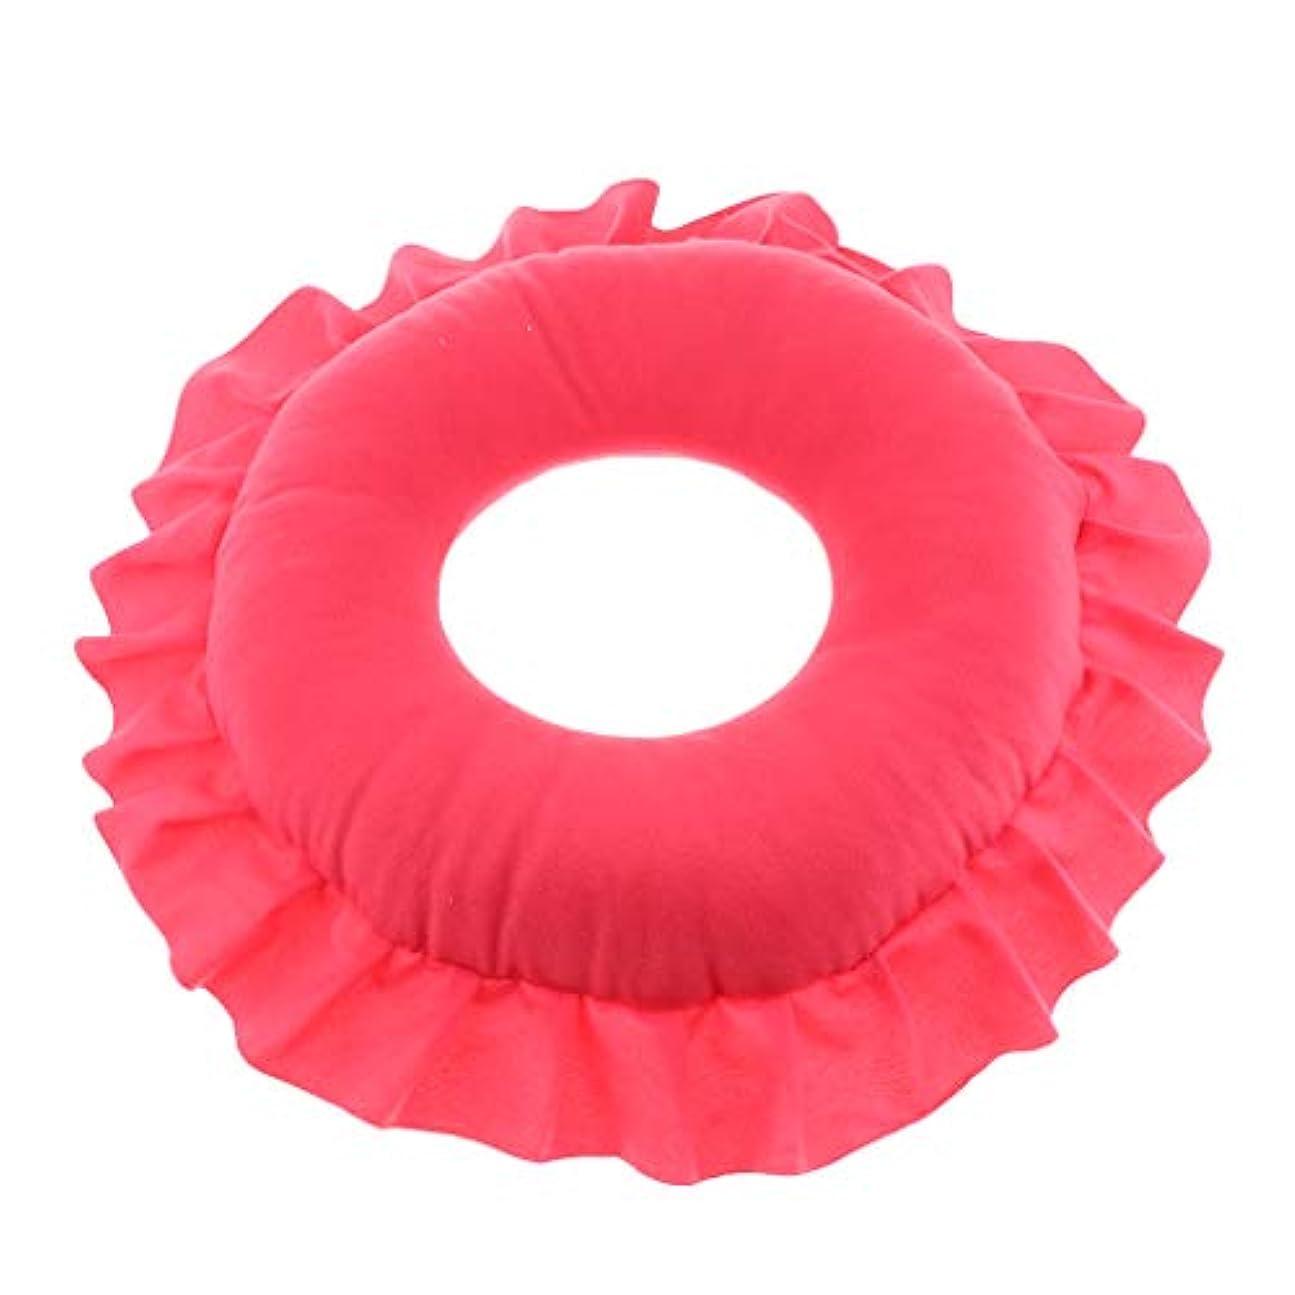 所有権山おとこ顔マク フェイスマット マッサージ枕 顔枕 ラウンド 直径30cm 洗える 柔らかい 快適 全4色 - 赤